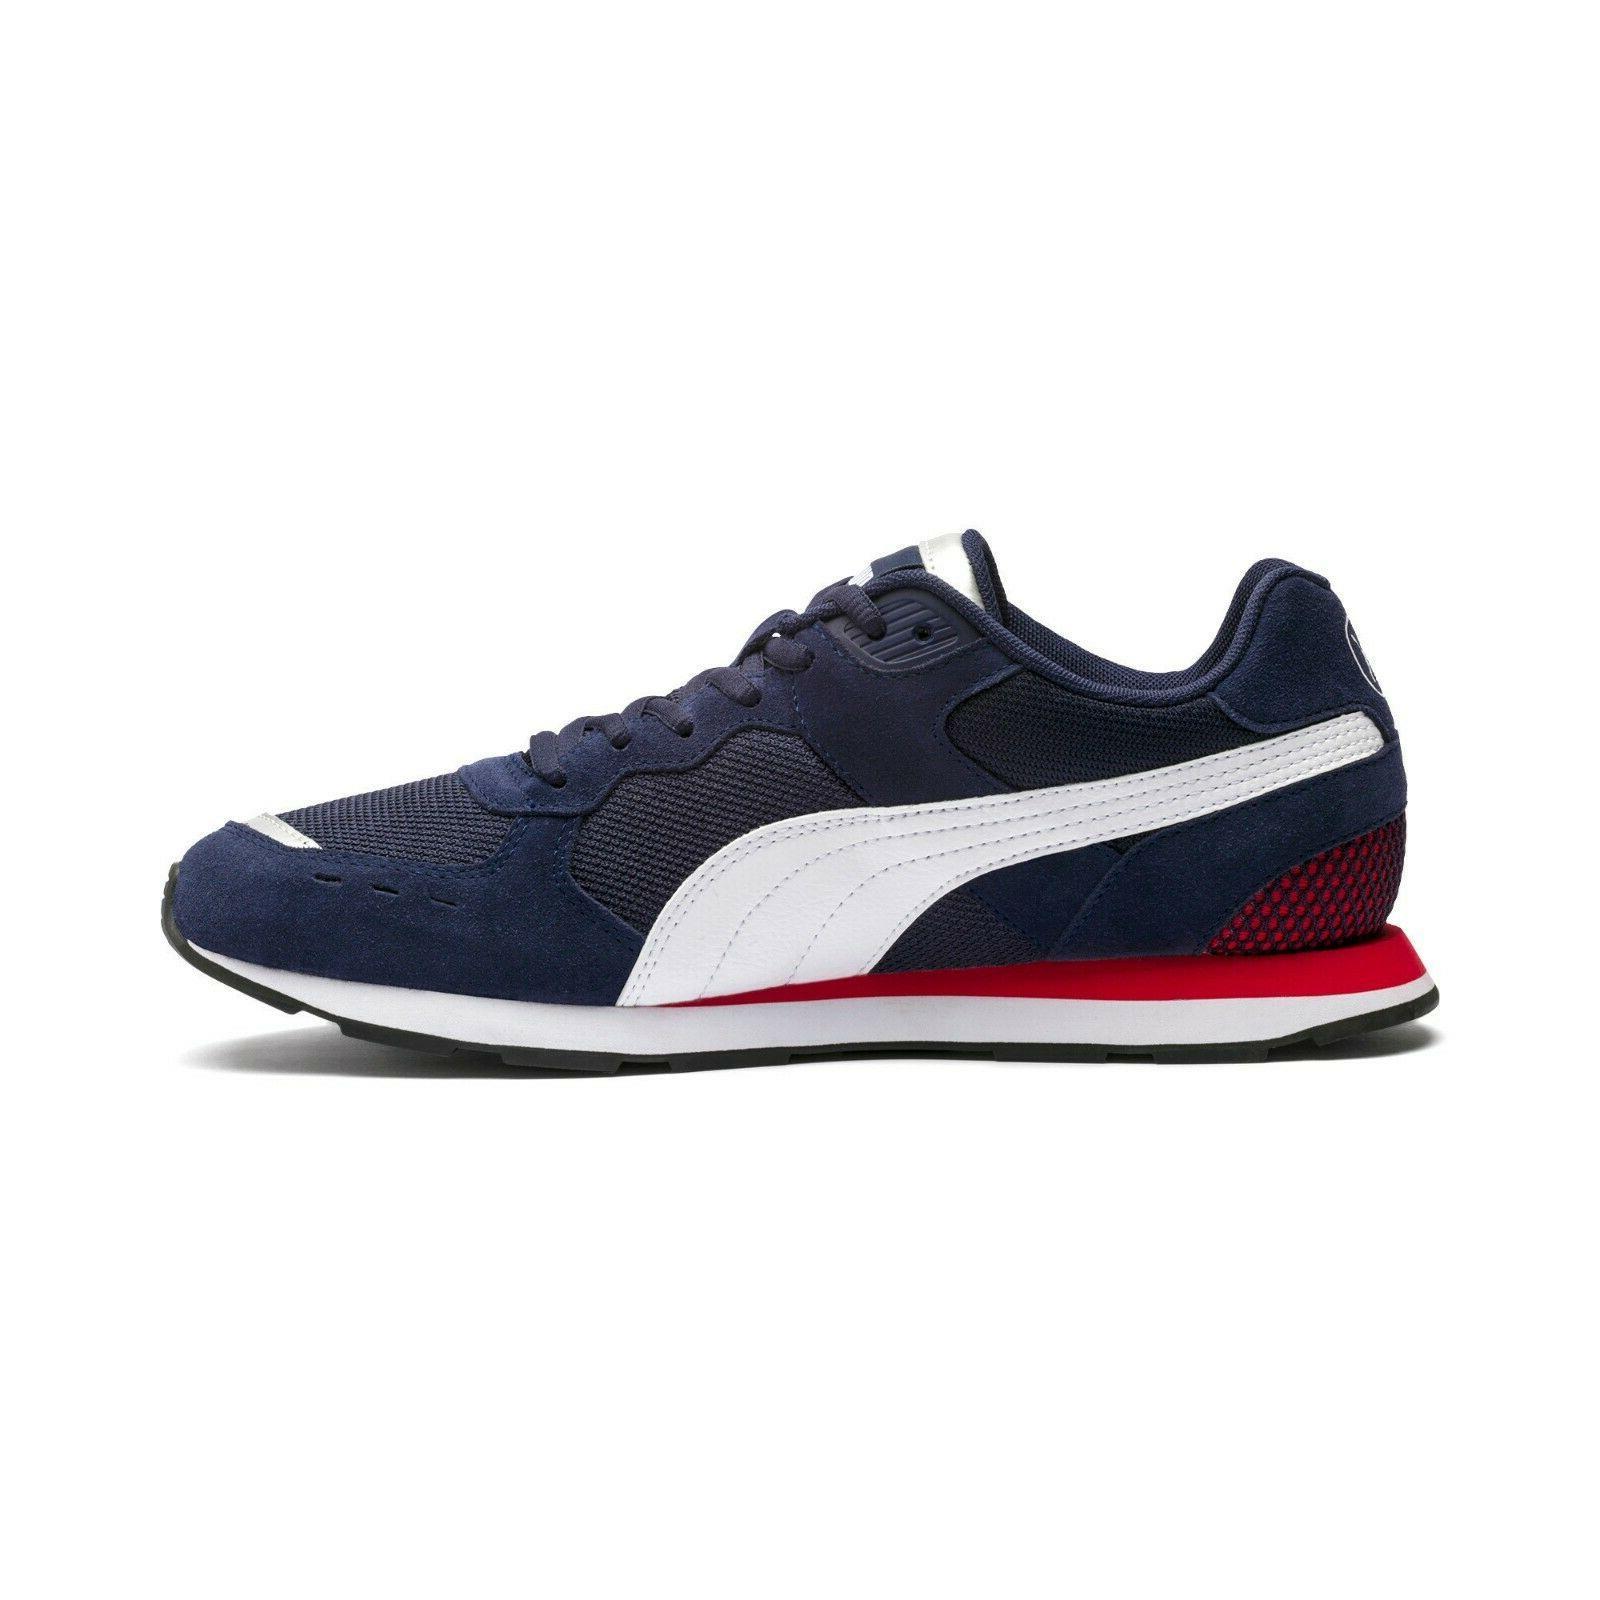 Puma Size 11 Brand